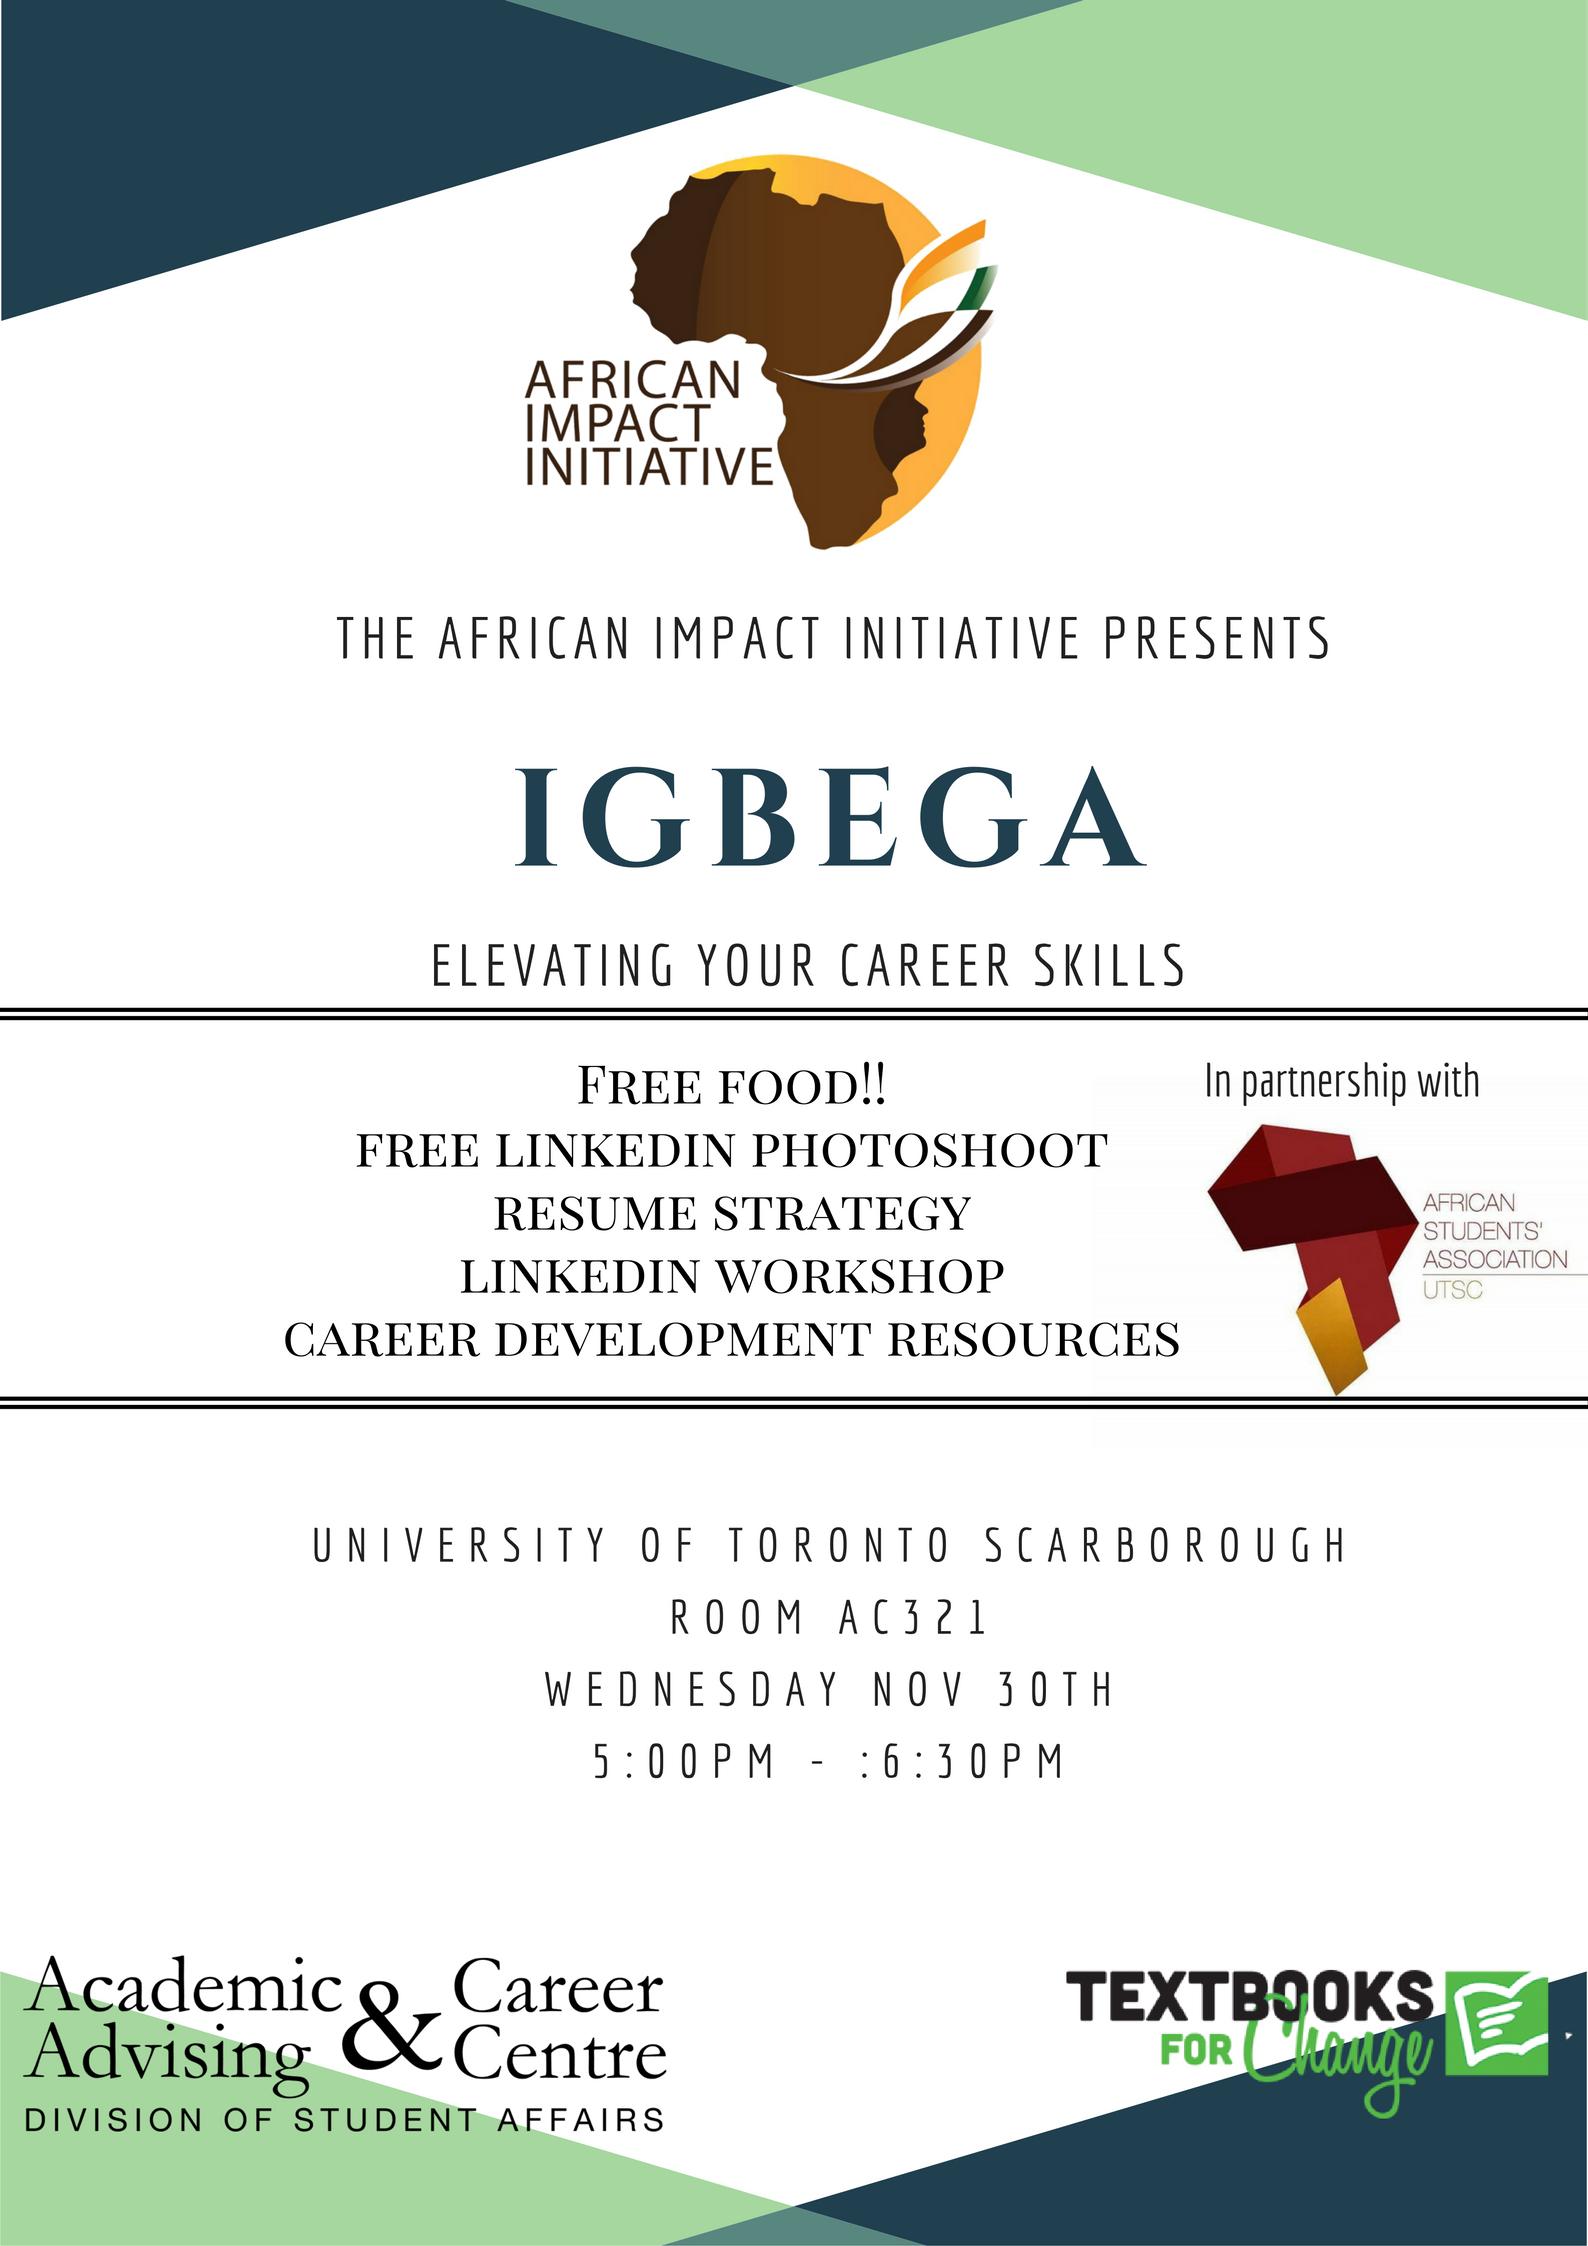 igbega-career-skills-workshop